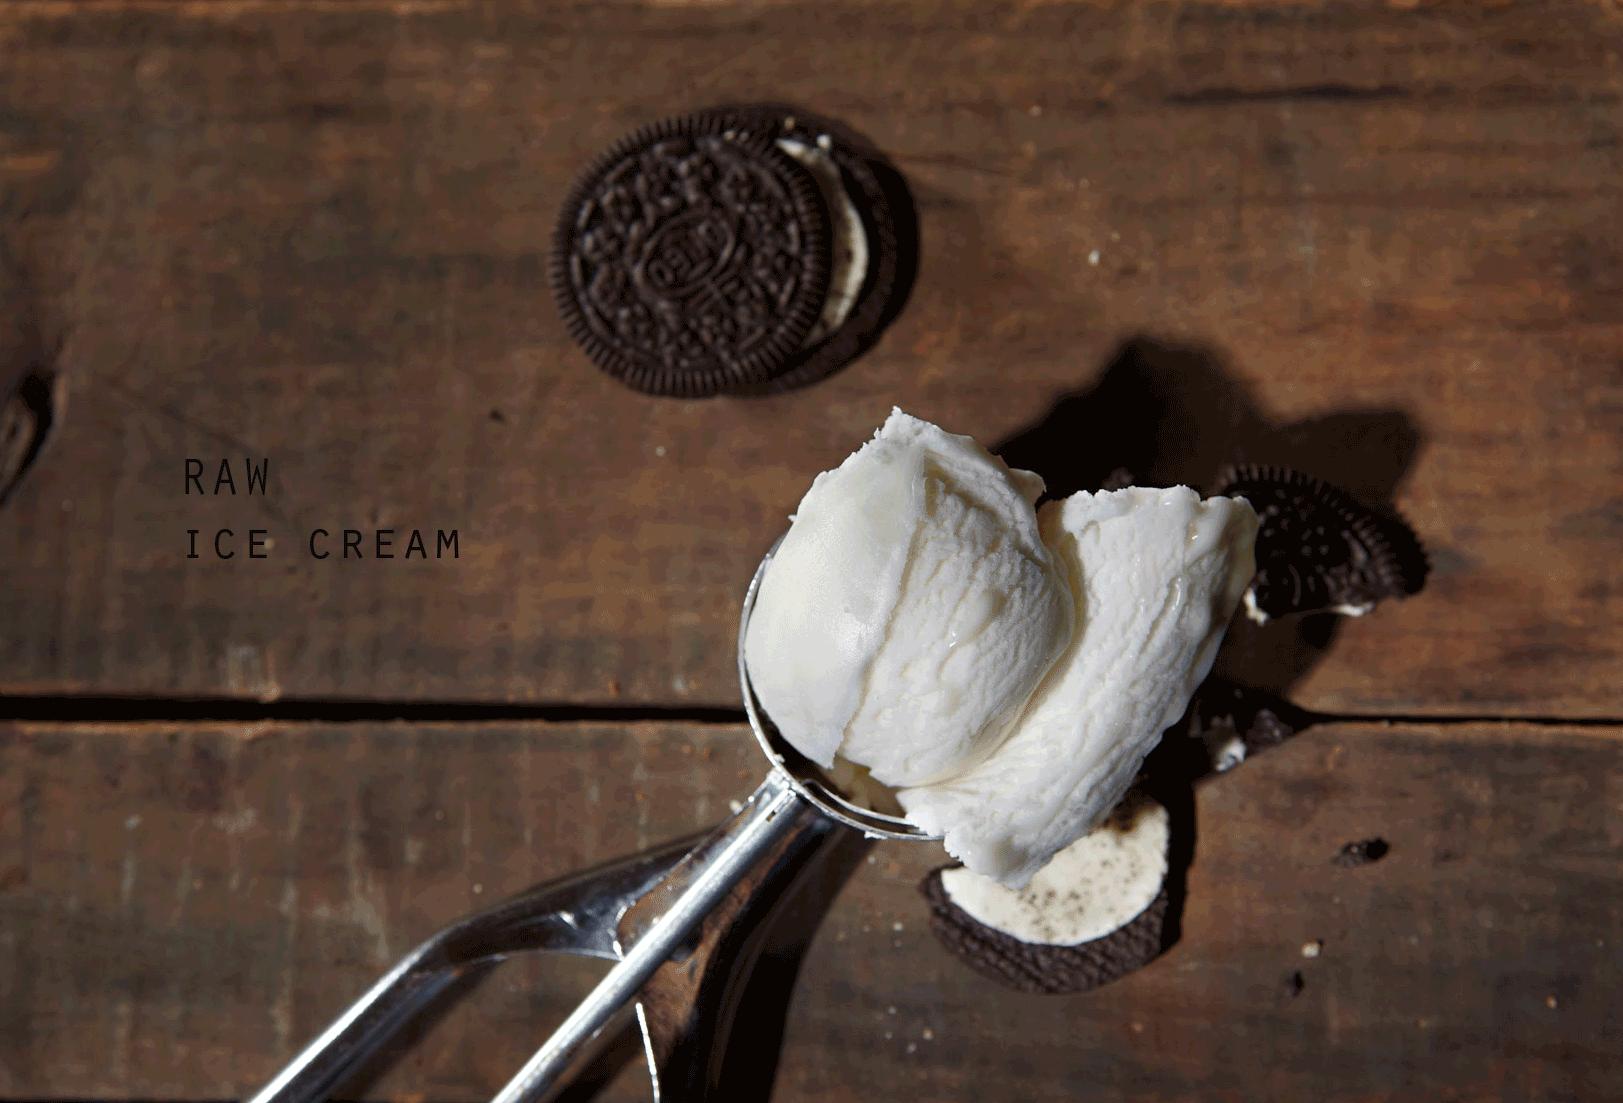 O ice cream